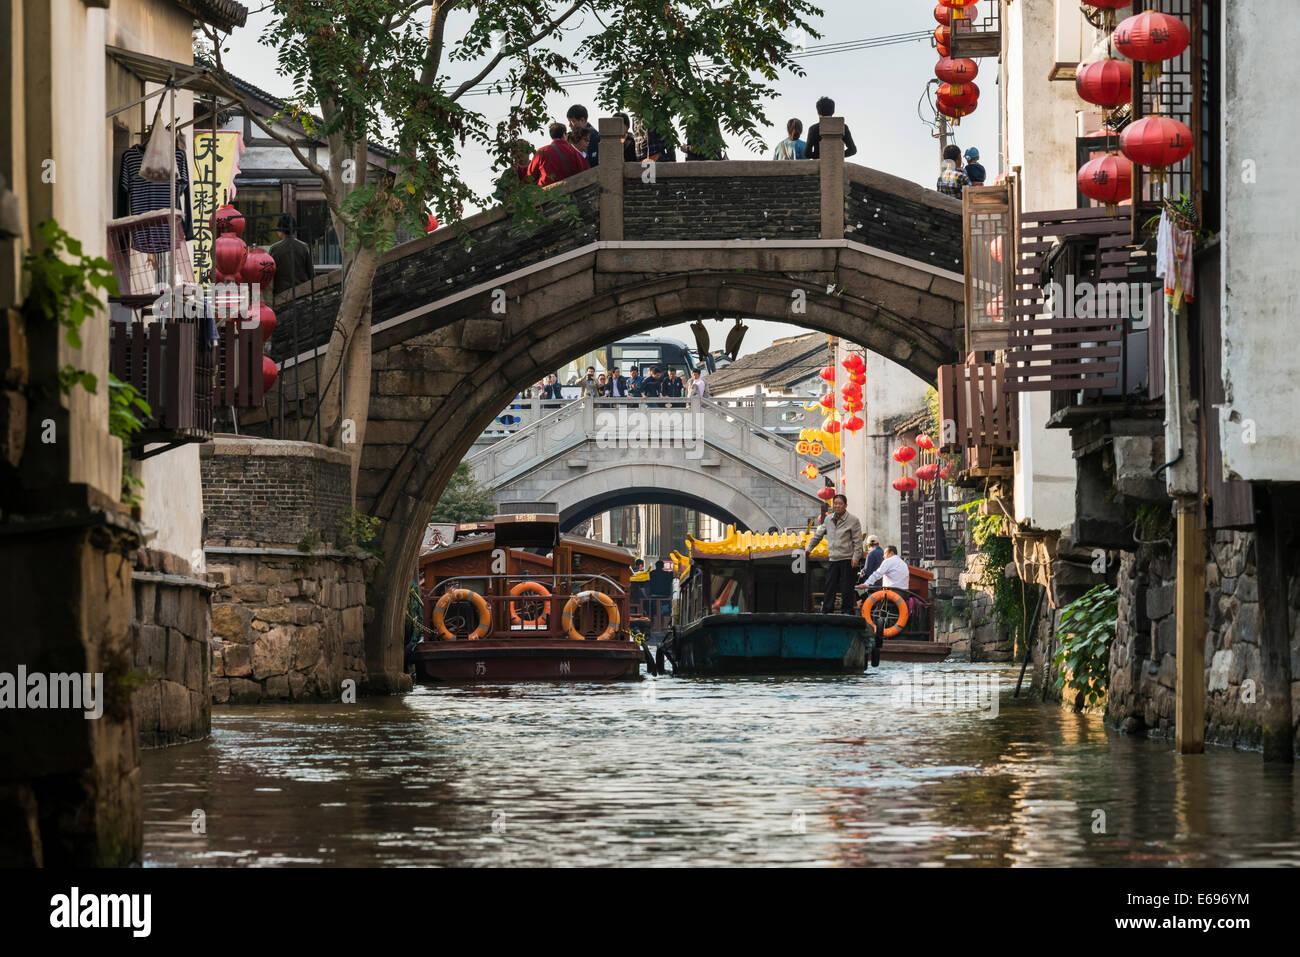 Puente sobre un canal con embarcaciones, Suzhou, China Imagen De Stock